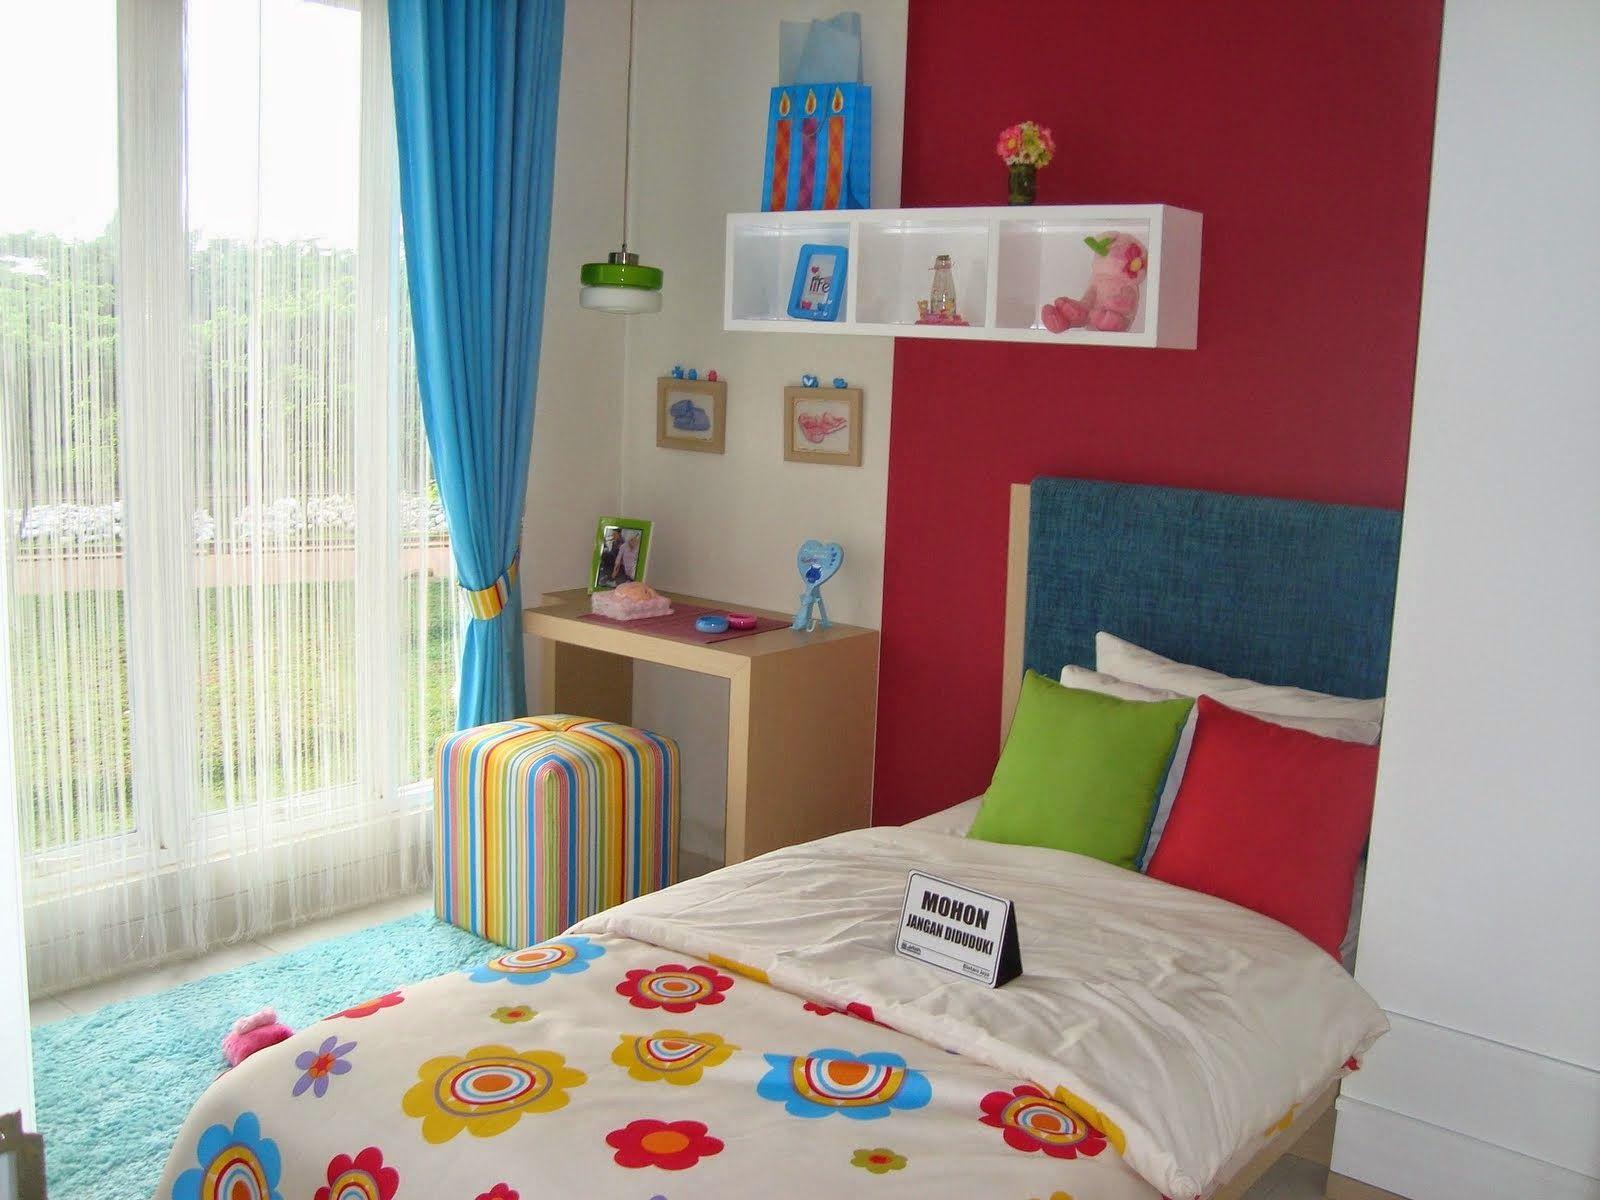 desain kamar tidur doraemon sederhana | interior rumah